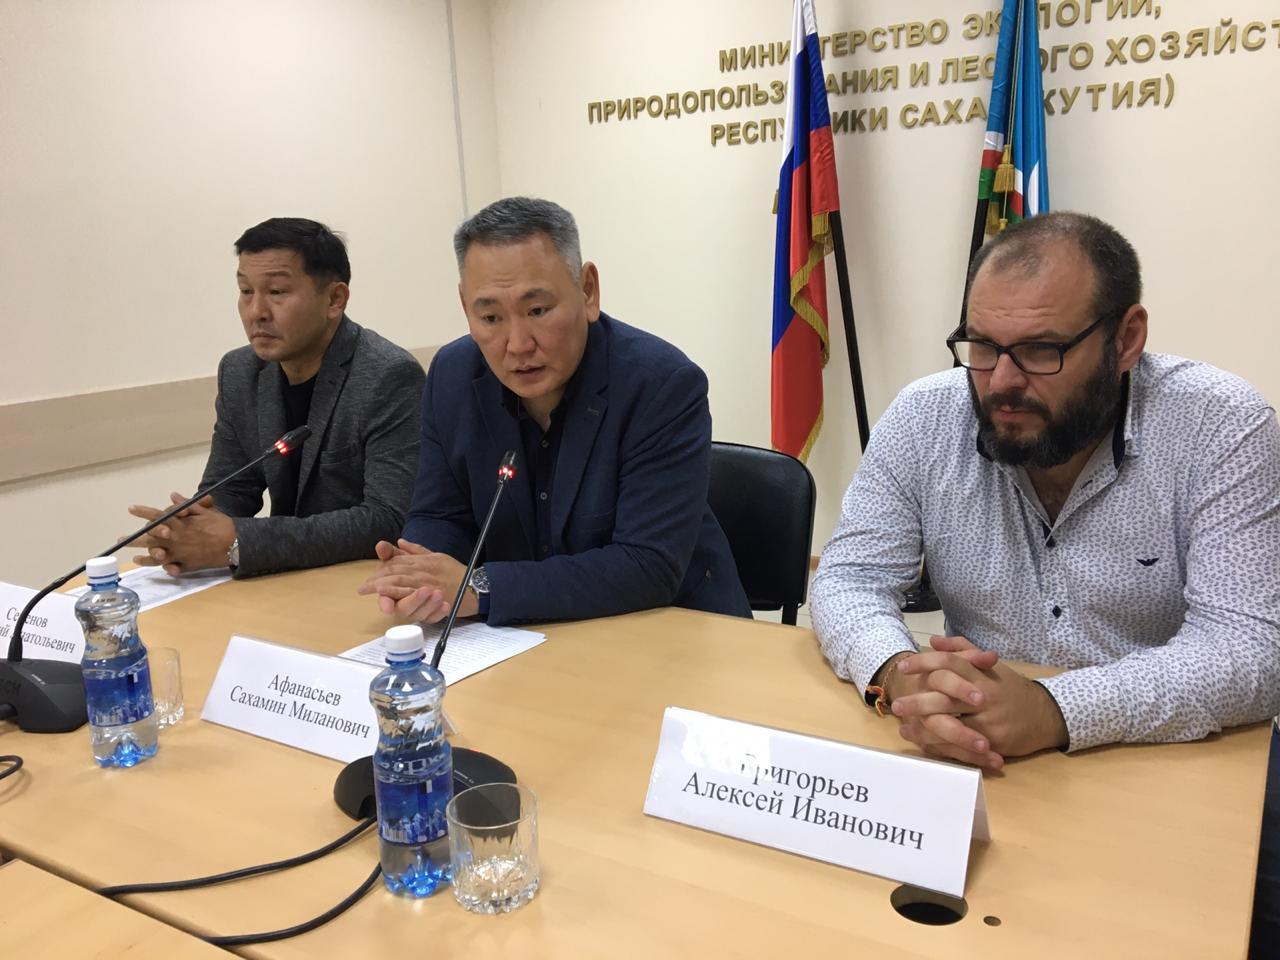 Сахамин Афанасьеввстретился с представителем Минприроды России